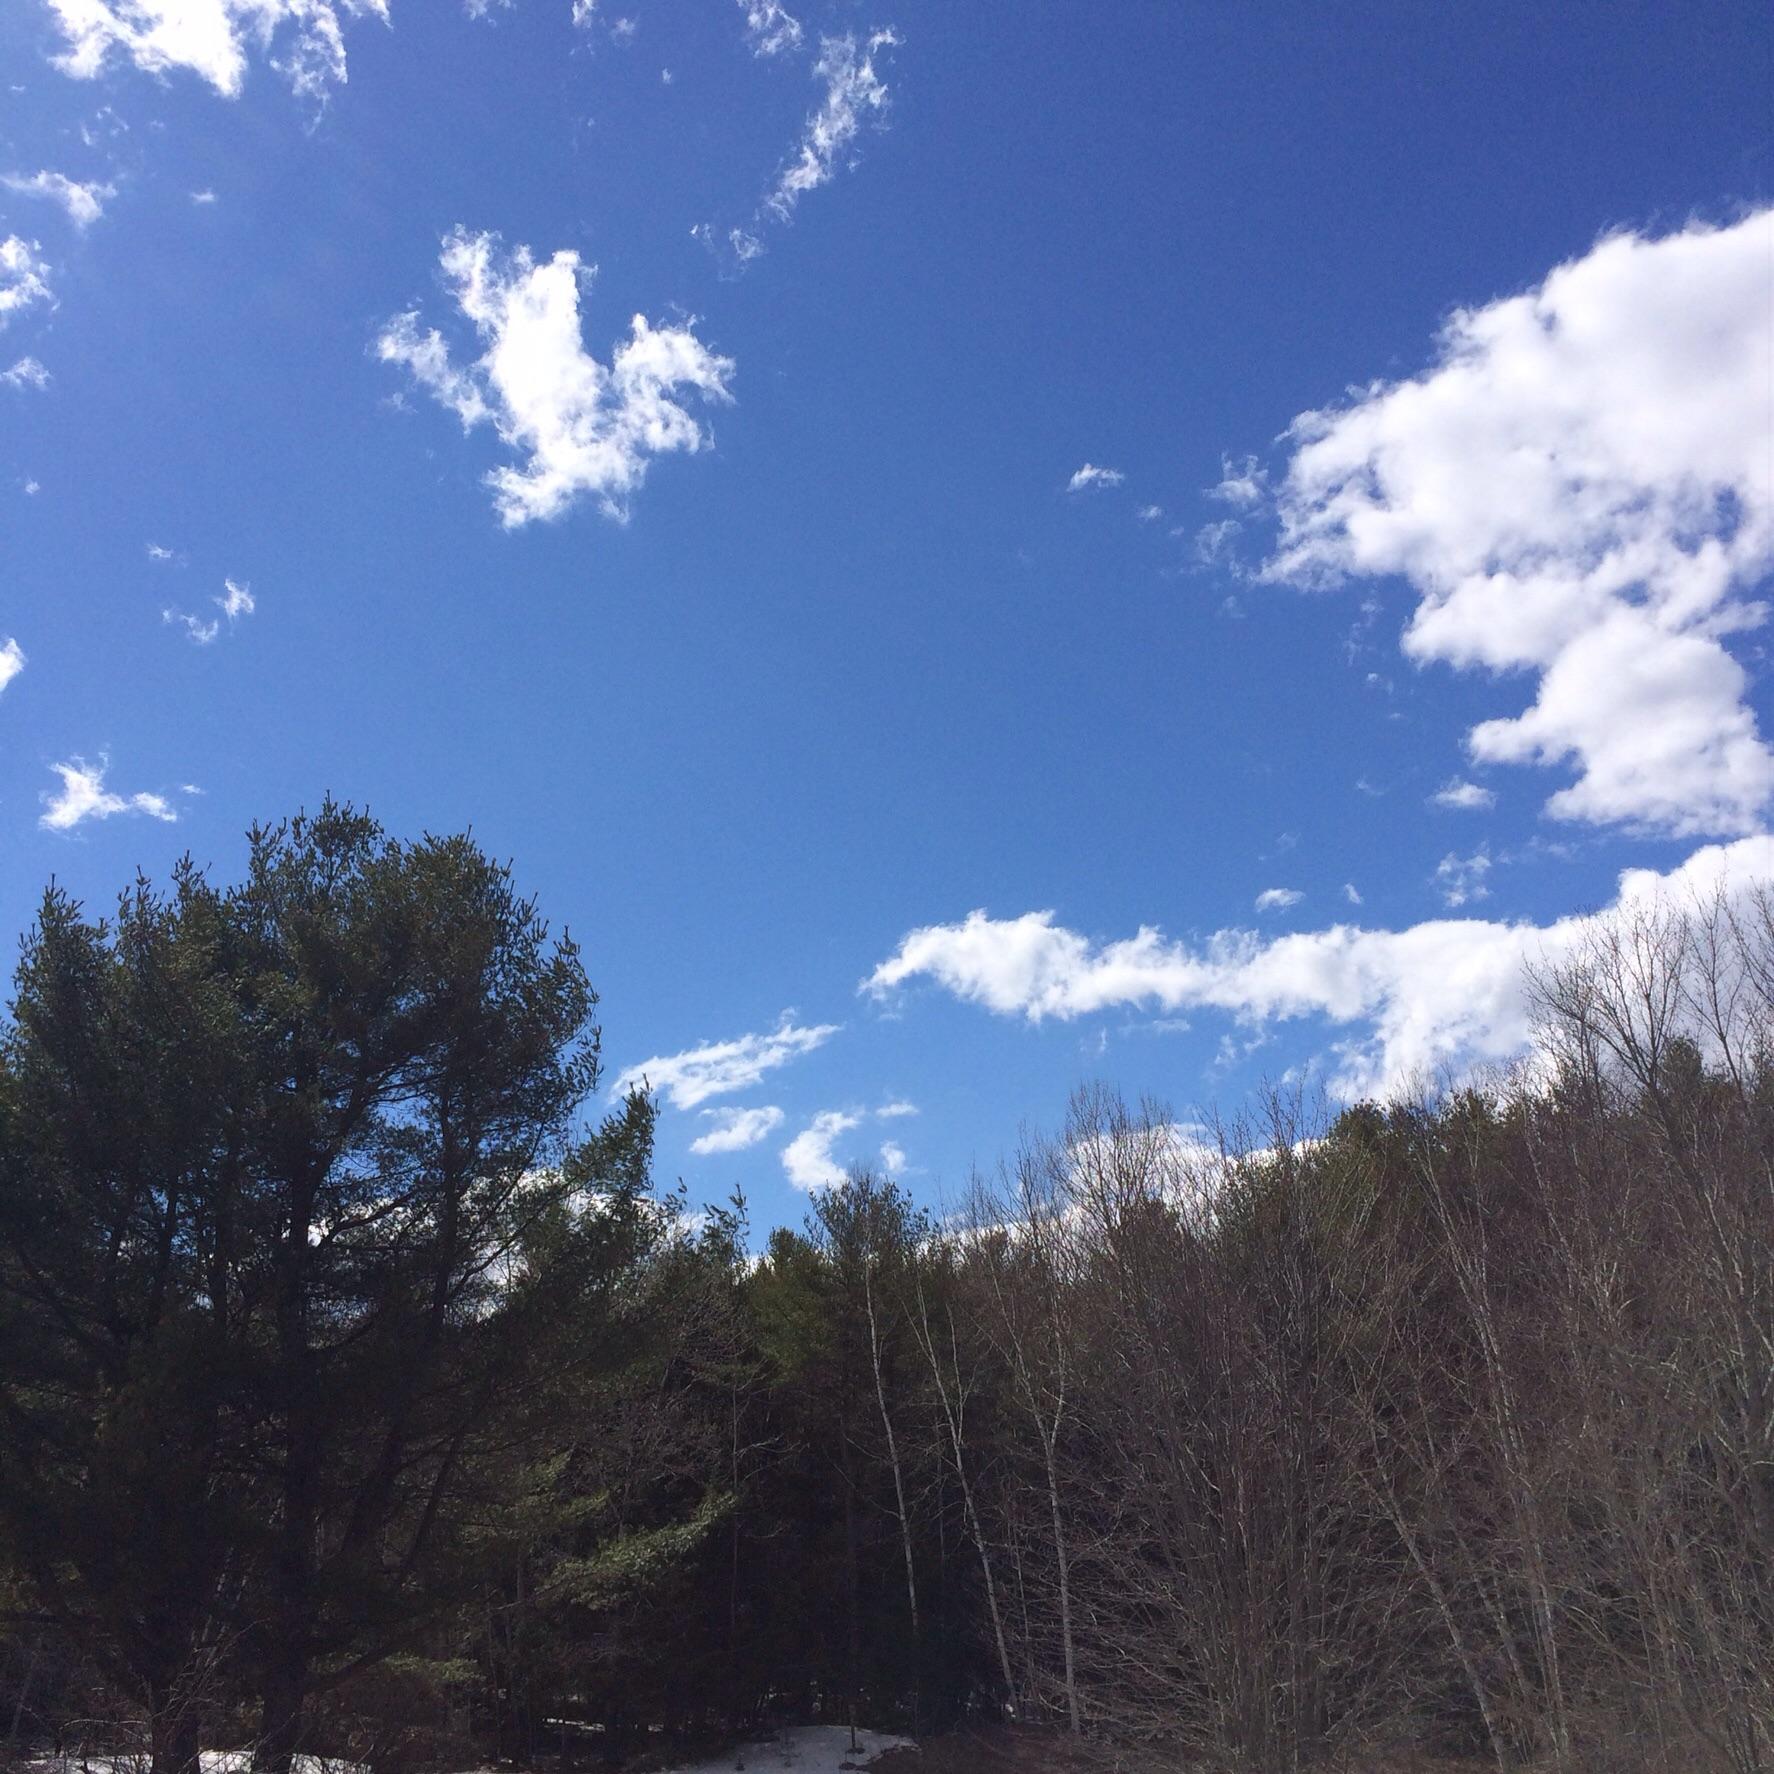 Grateful for big, blue skies.